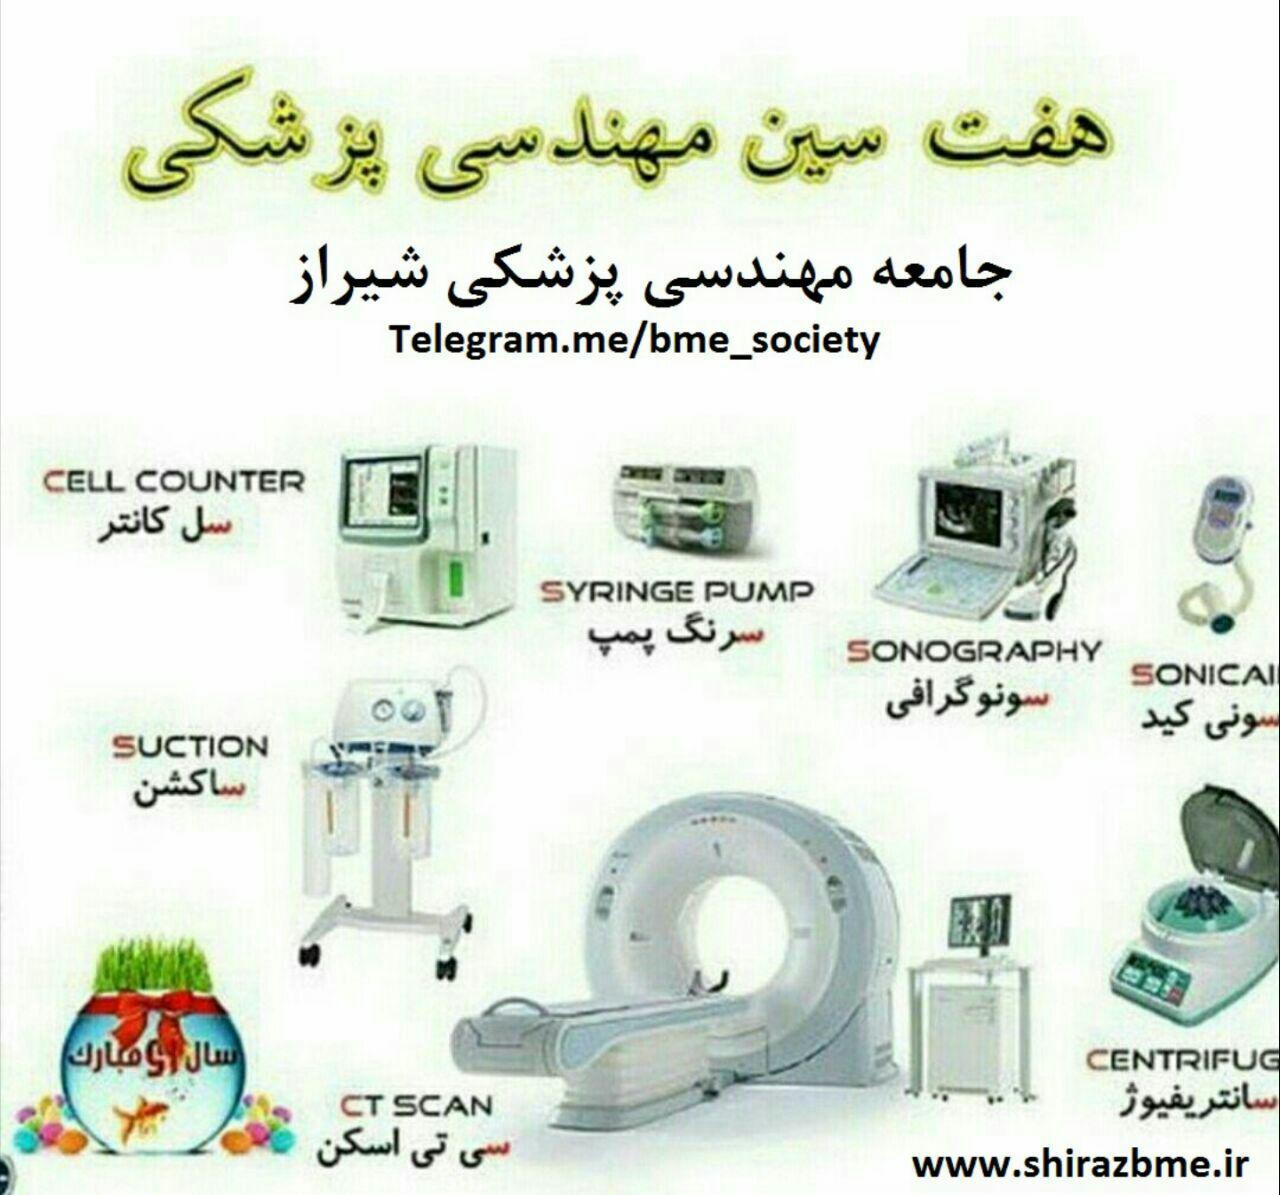 نوروز مهندسی پزشکی